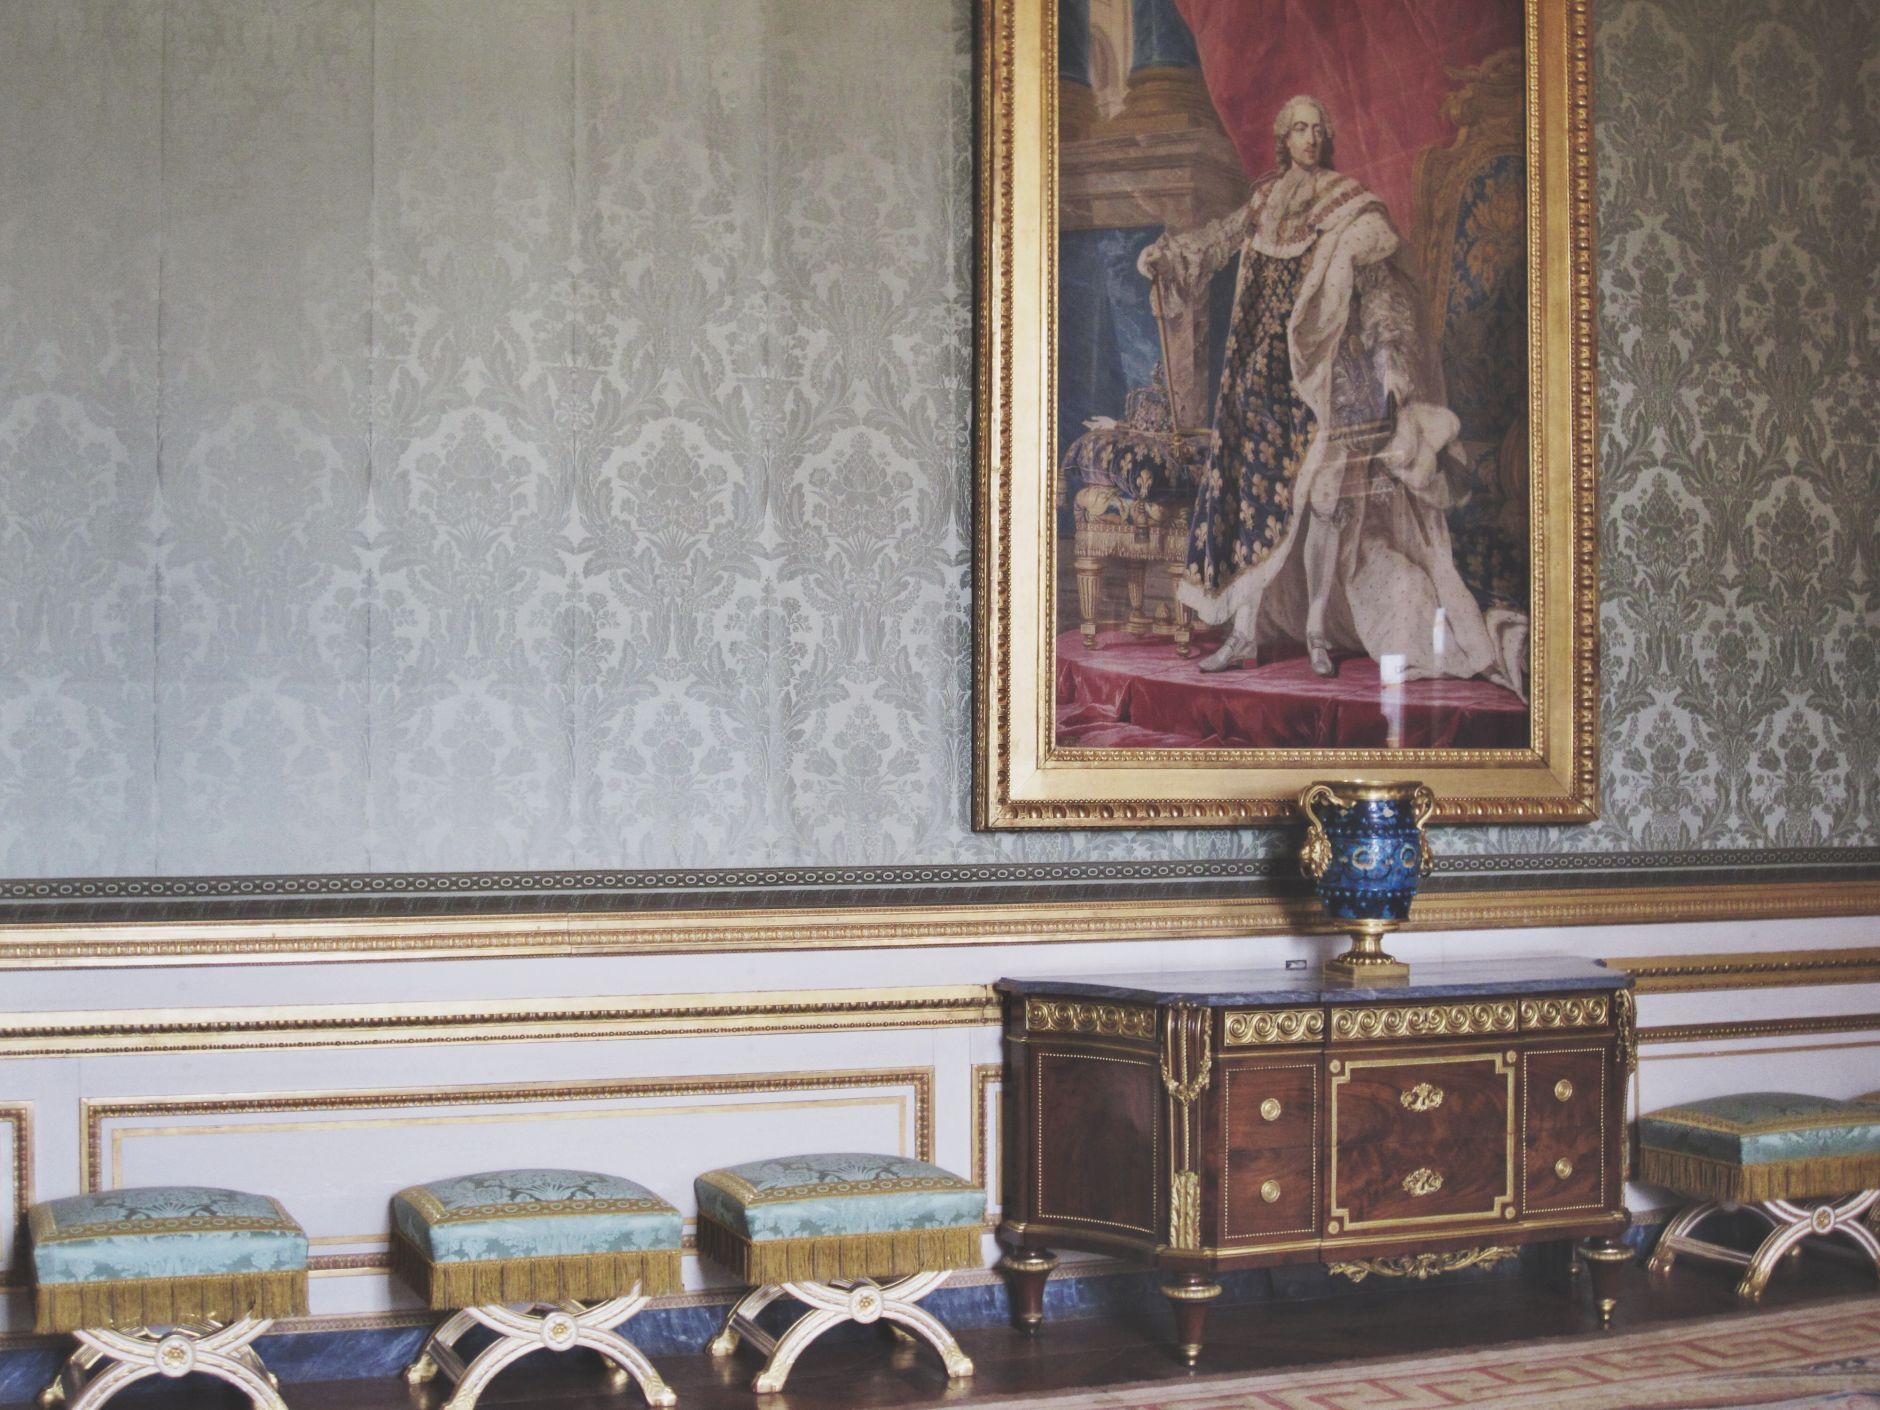 Château-de-Versailles-rooms-disi-couture-01